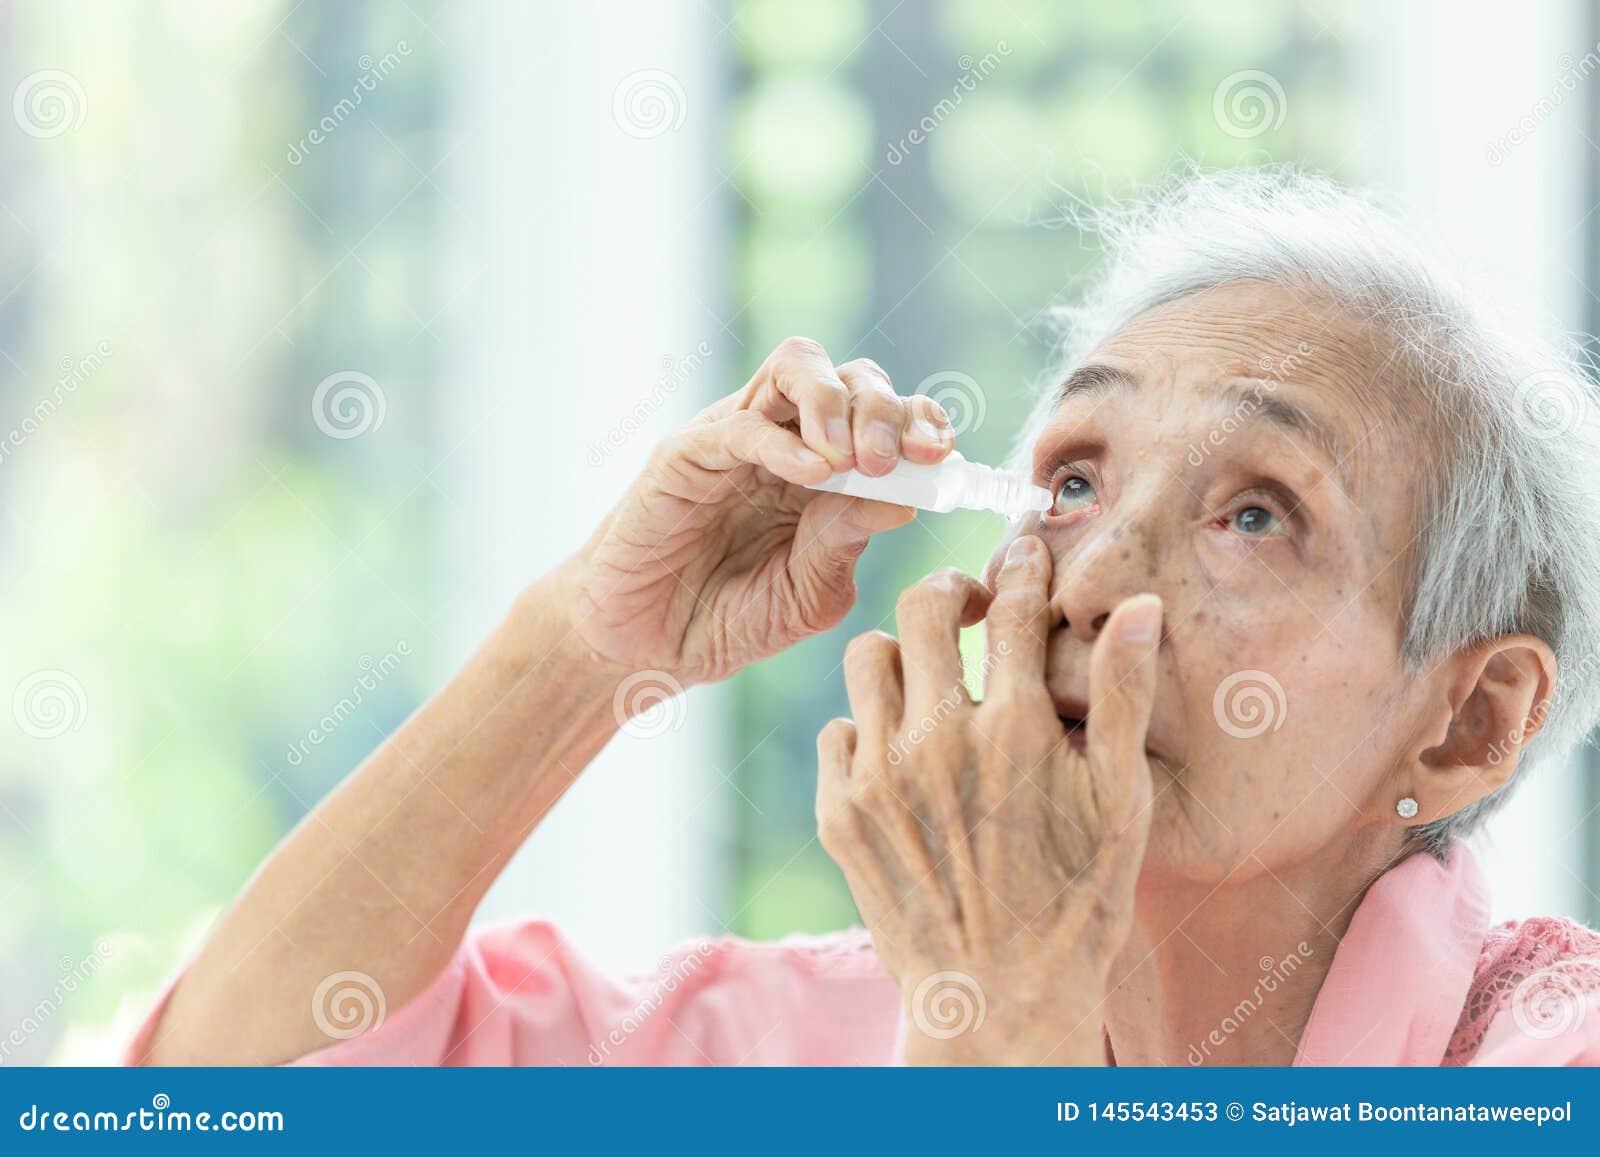 Aziatische hogere vrouw die oogdaling, close-upmening zetten van bejaarde persoon die fles eyedrops in haar ogen met behulp van,